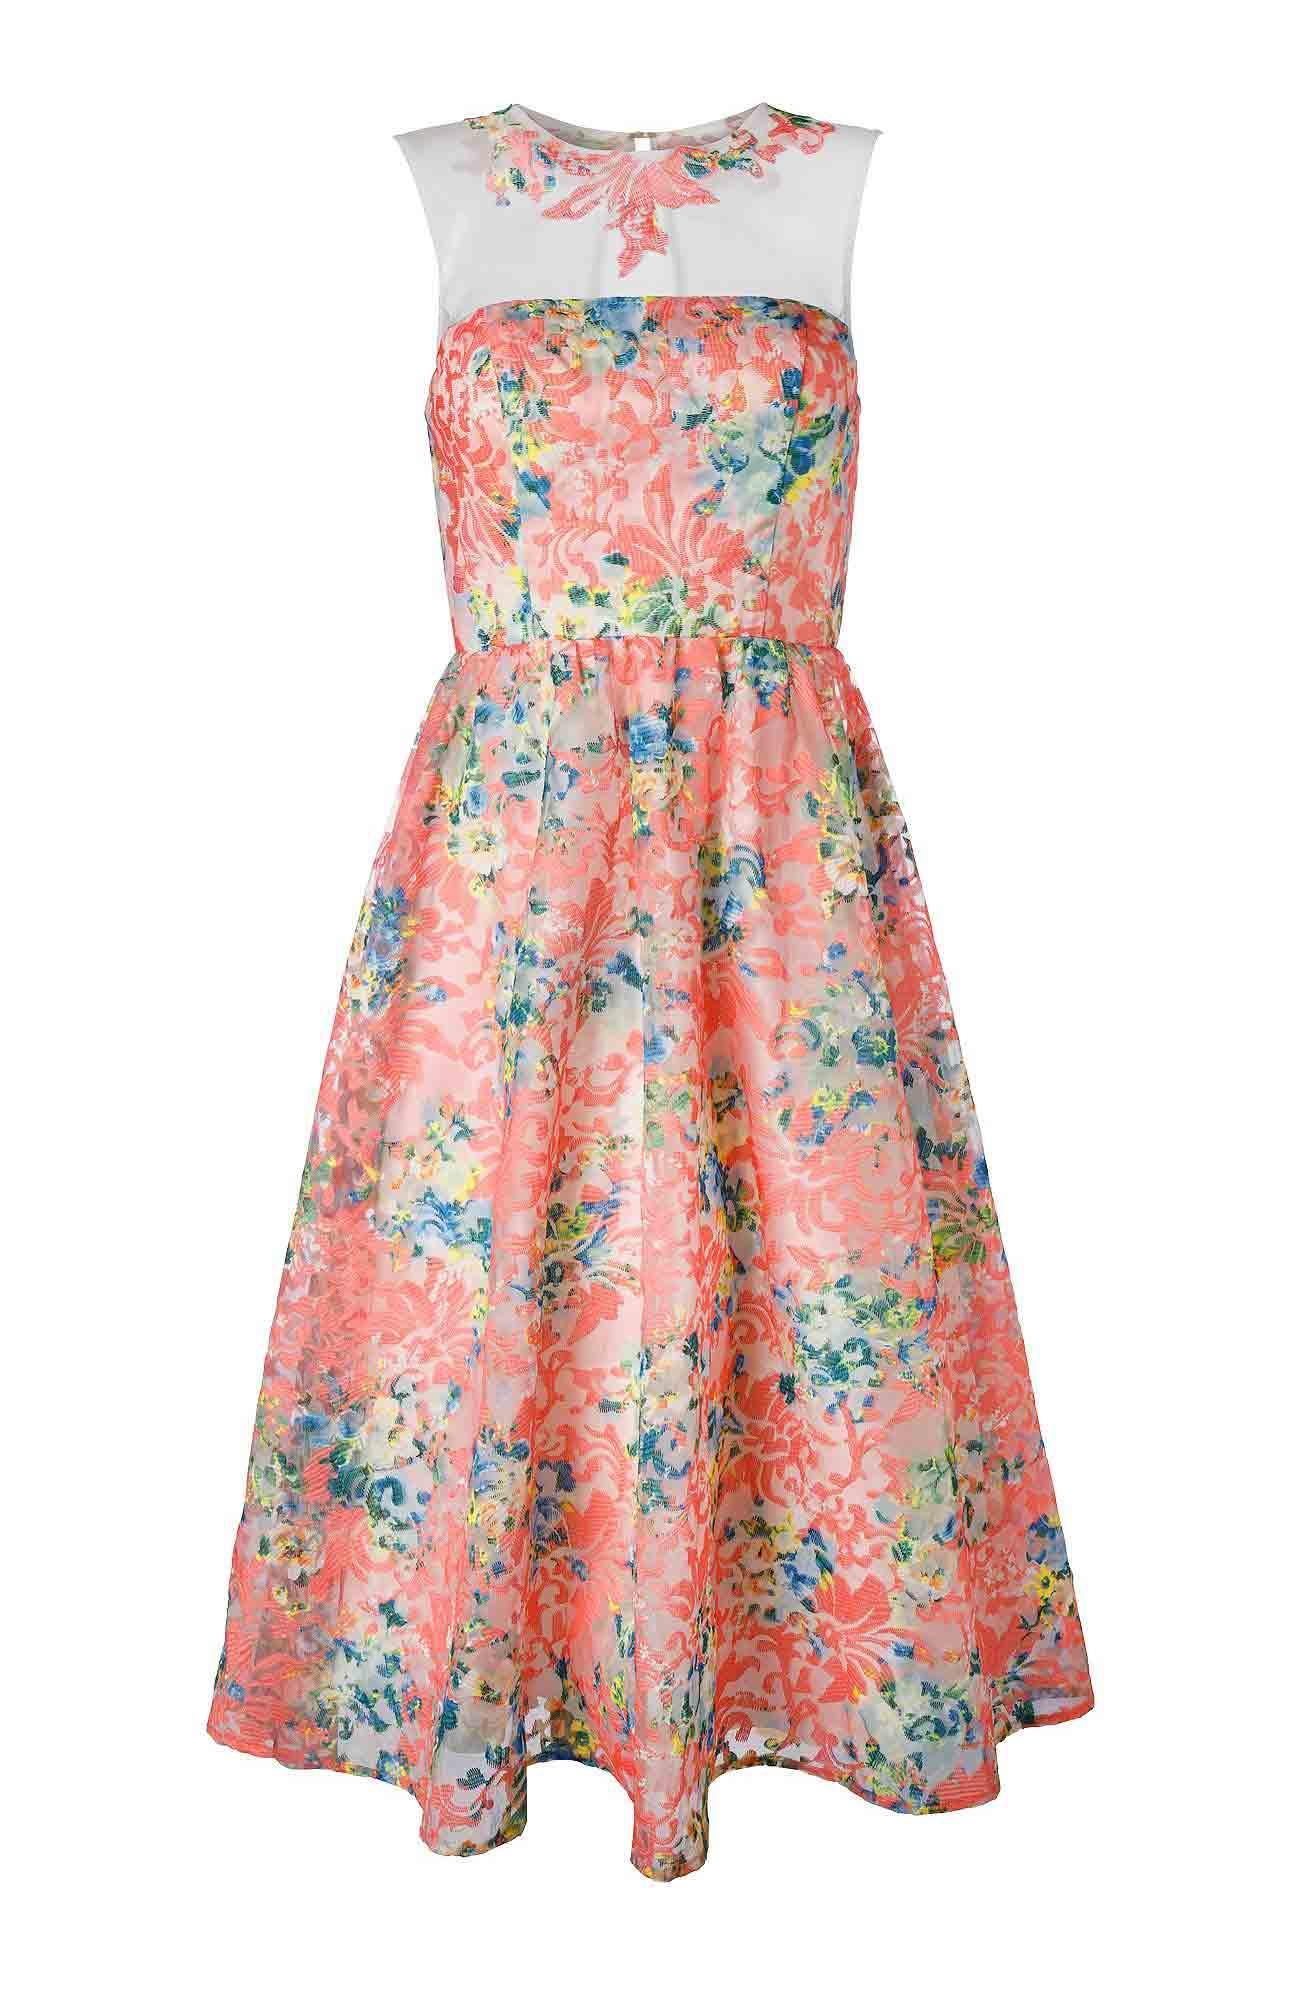 Organza-Kleid mit Stickerei bunt | Abendmode | Outlet Mode ...